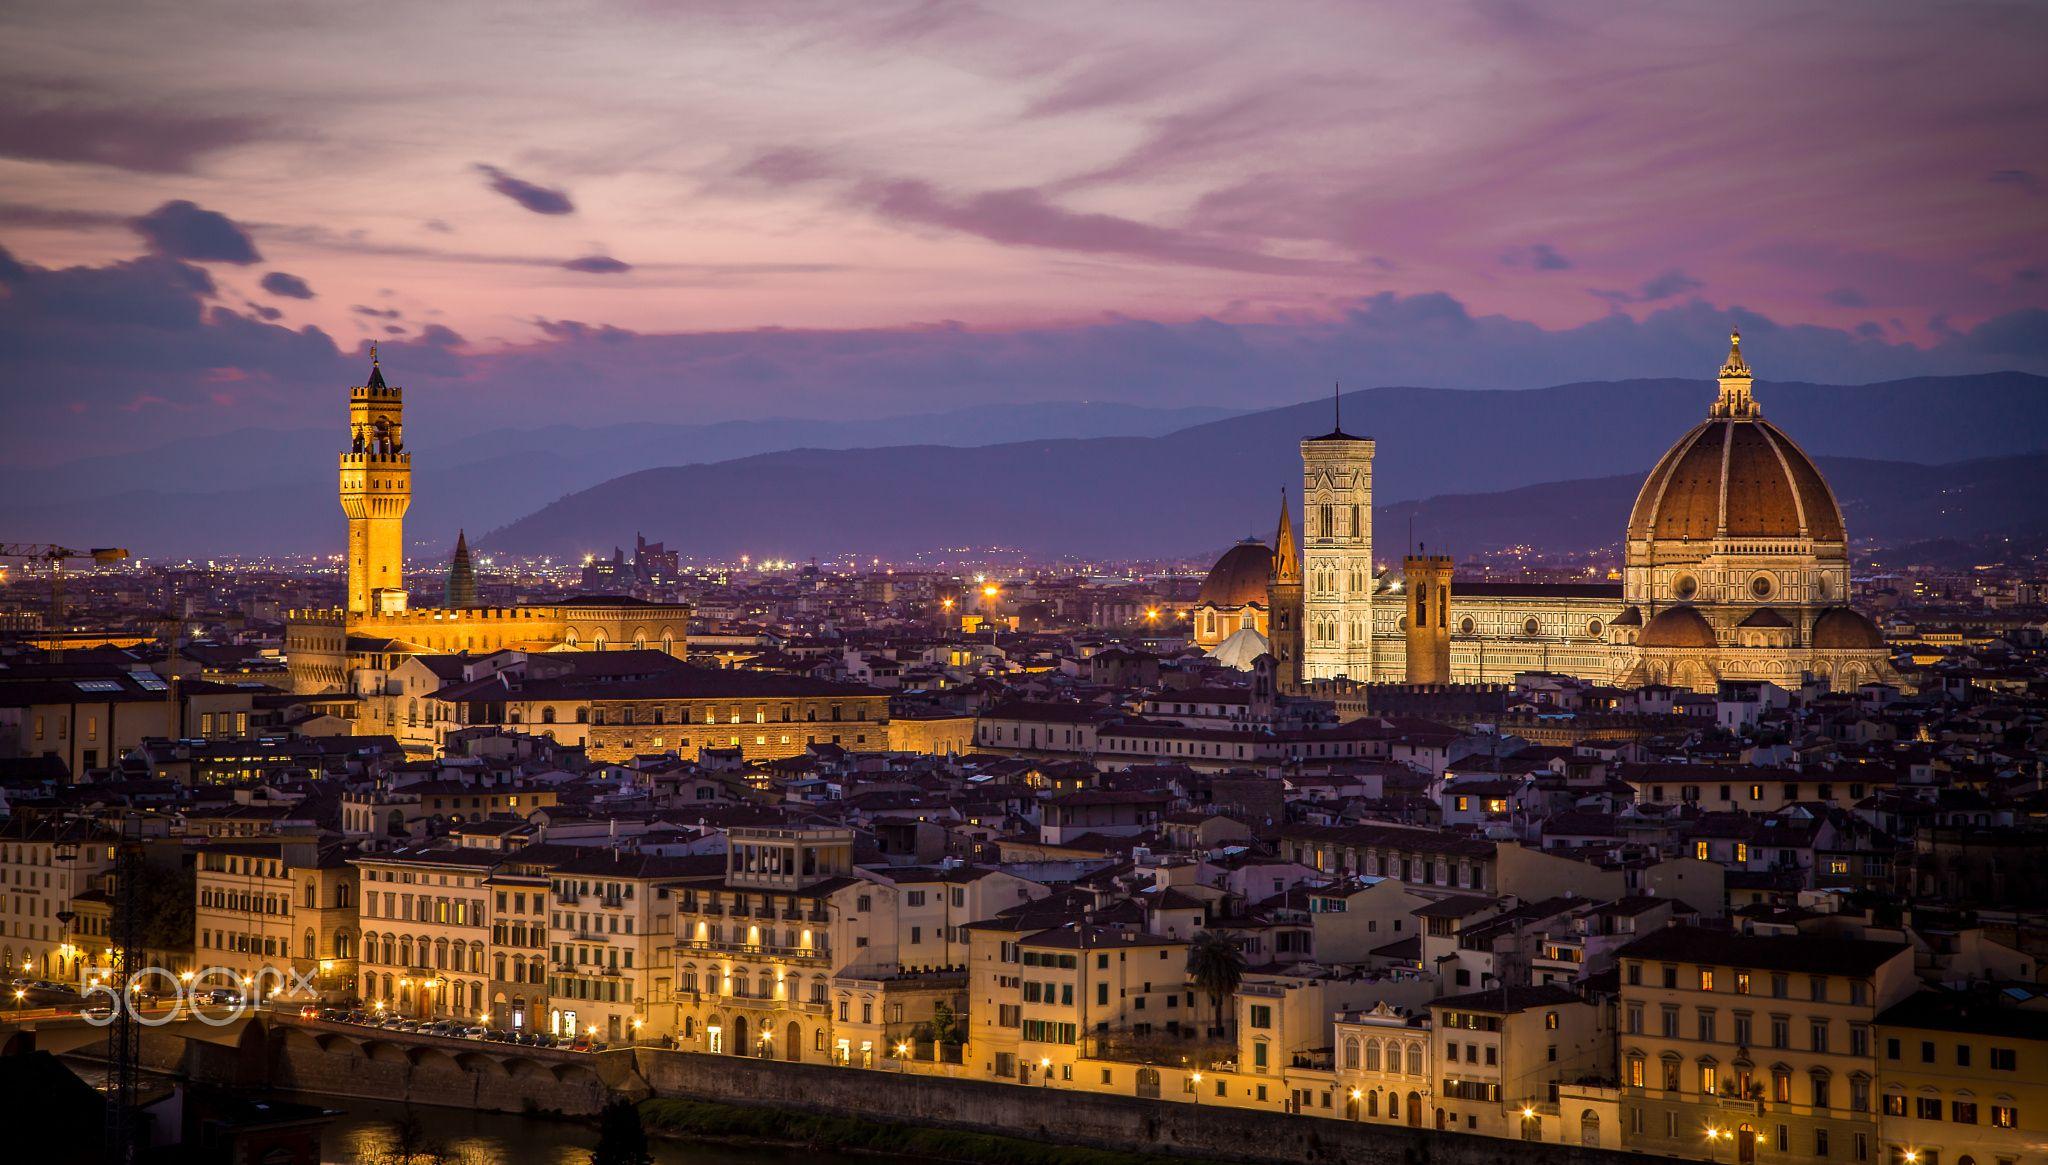 il Duomo e Palazzo Vecchio - null